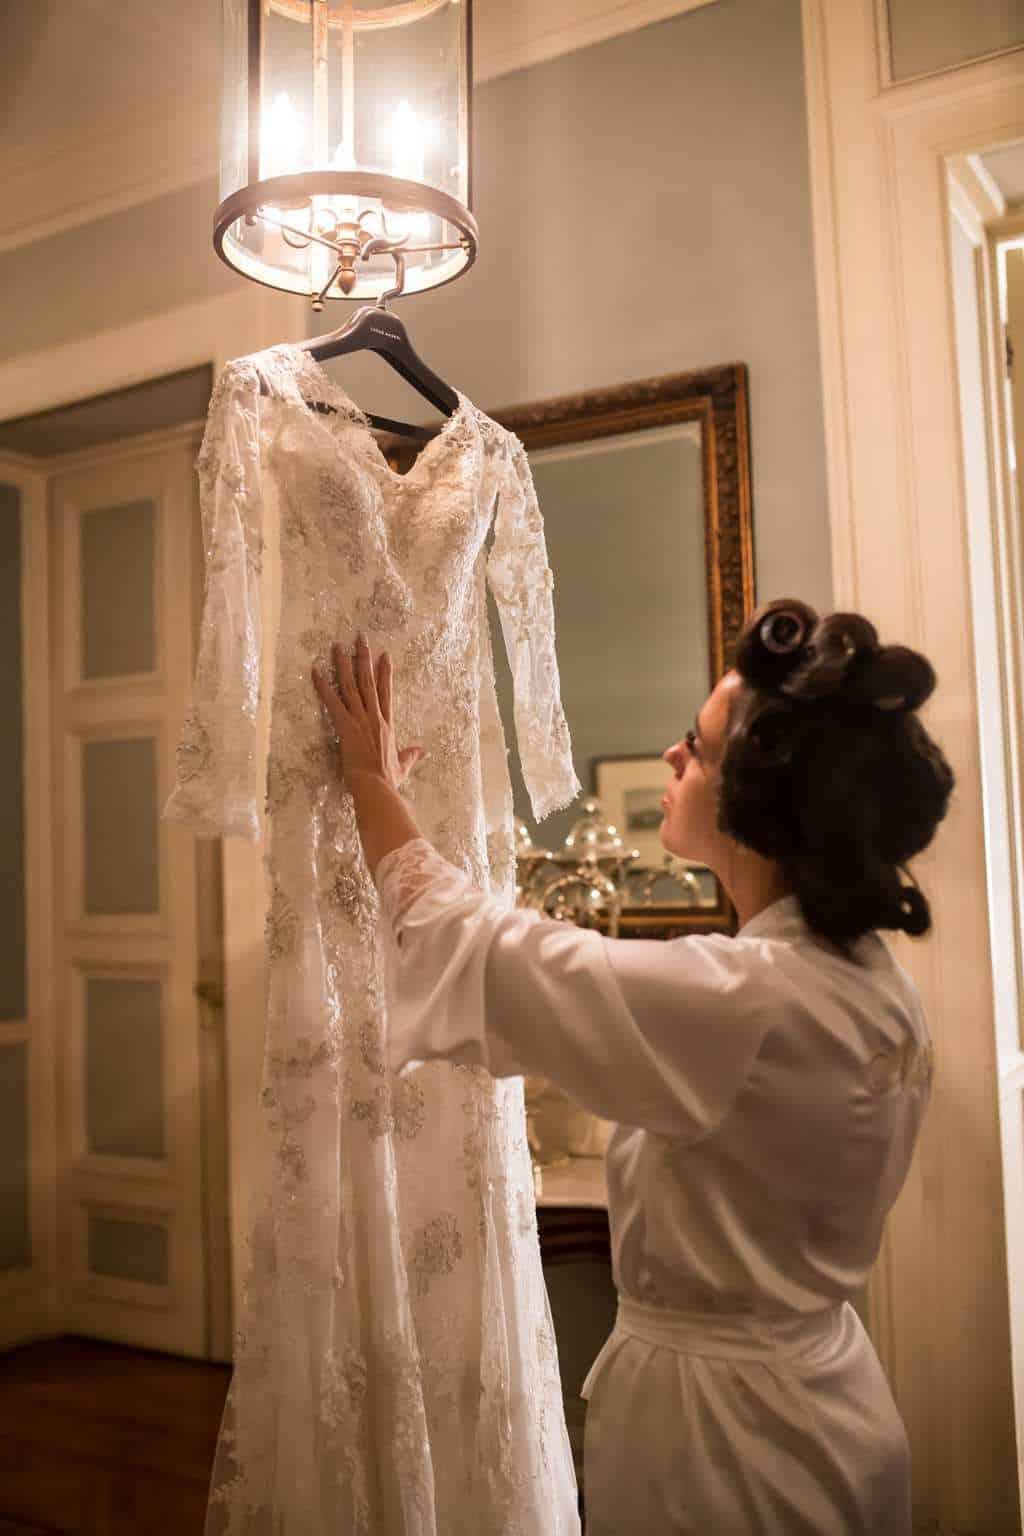 casamento-fernanda-e-leandro-casamento-sp-Fotografia-Produtora-7-casamento-clássico-casamento-tradicional-wedding-5